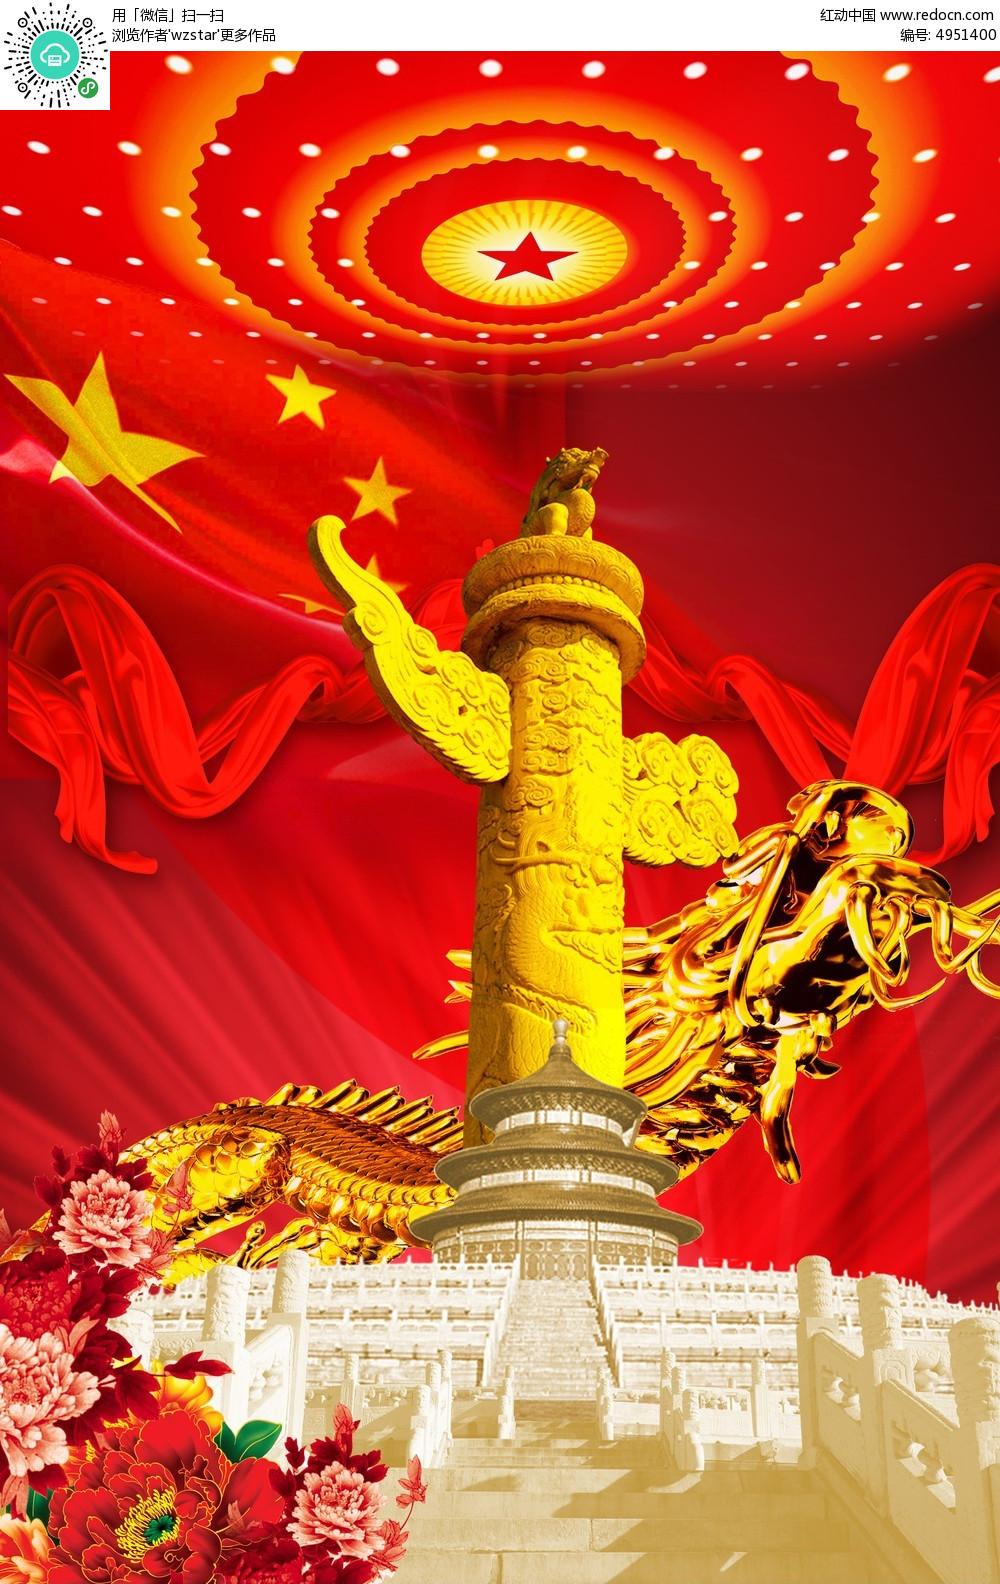 天坛华表国庆海报背景图片